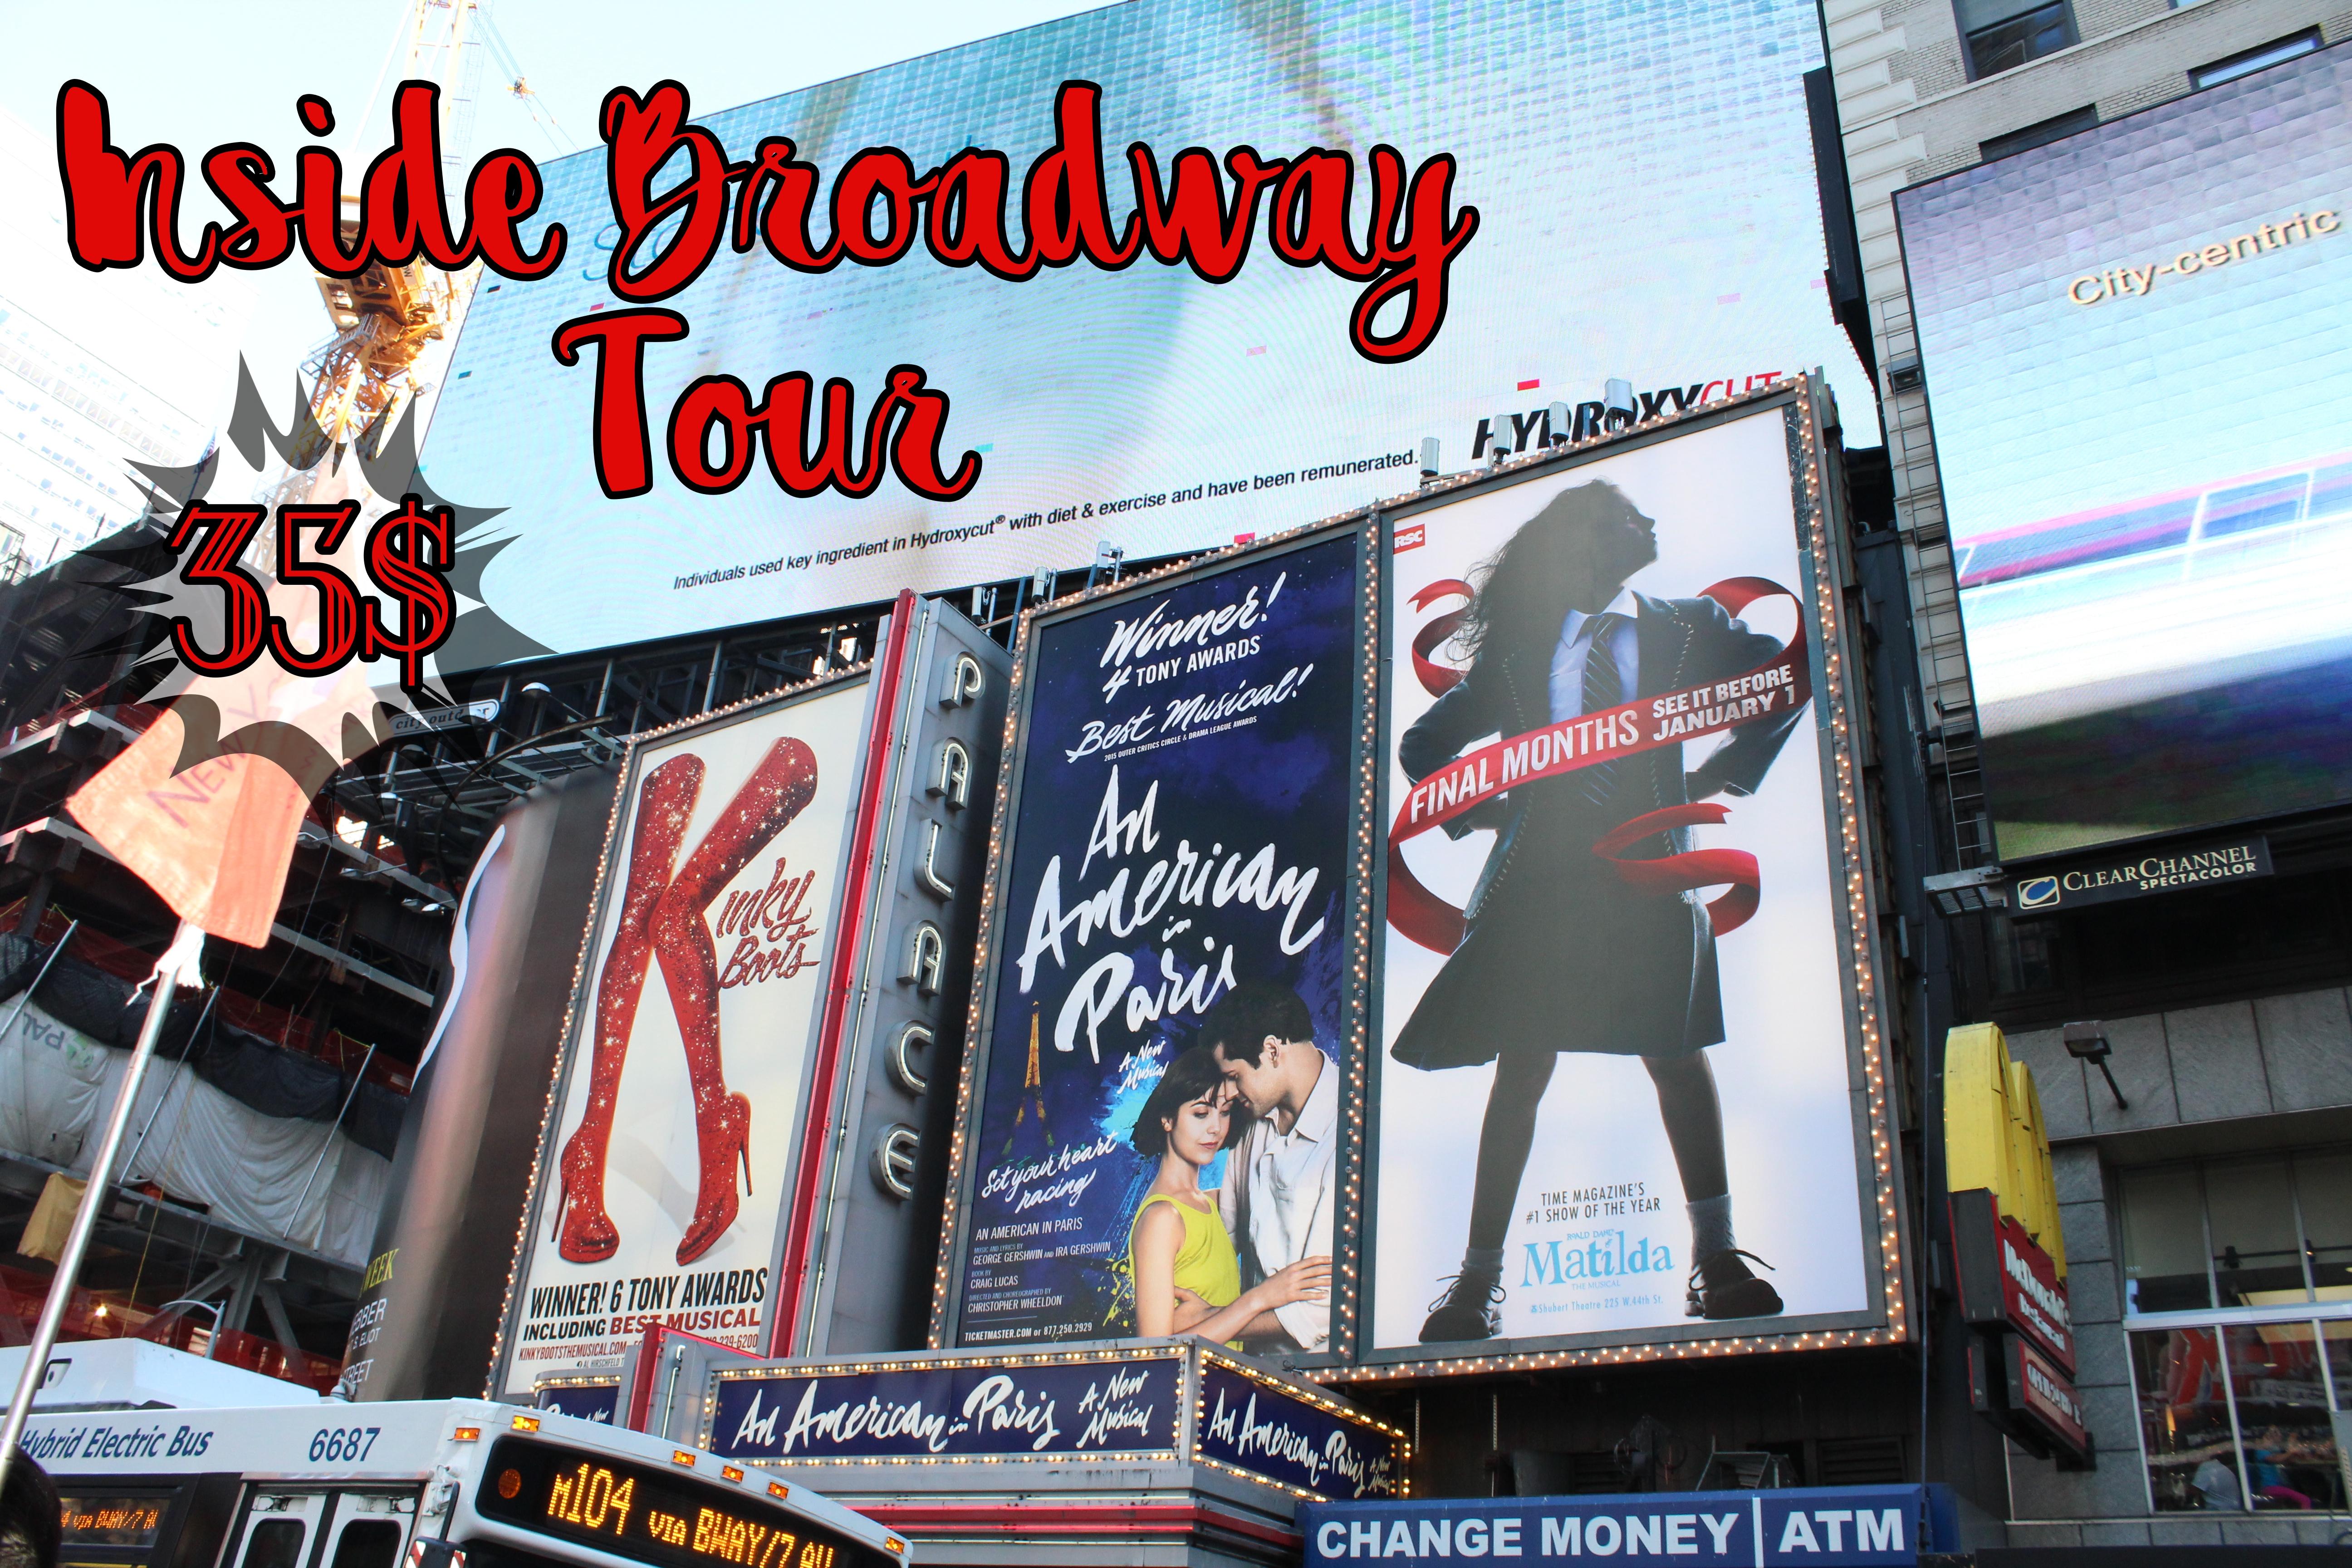 precio tour broadway